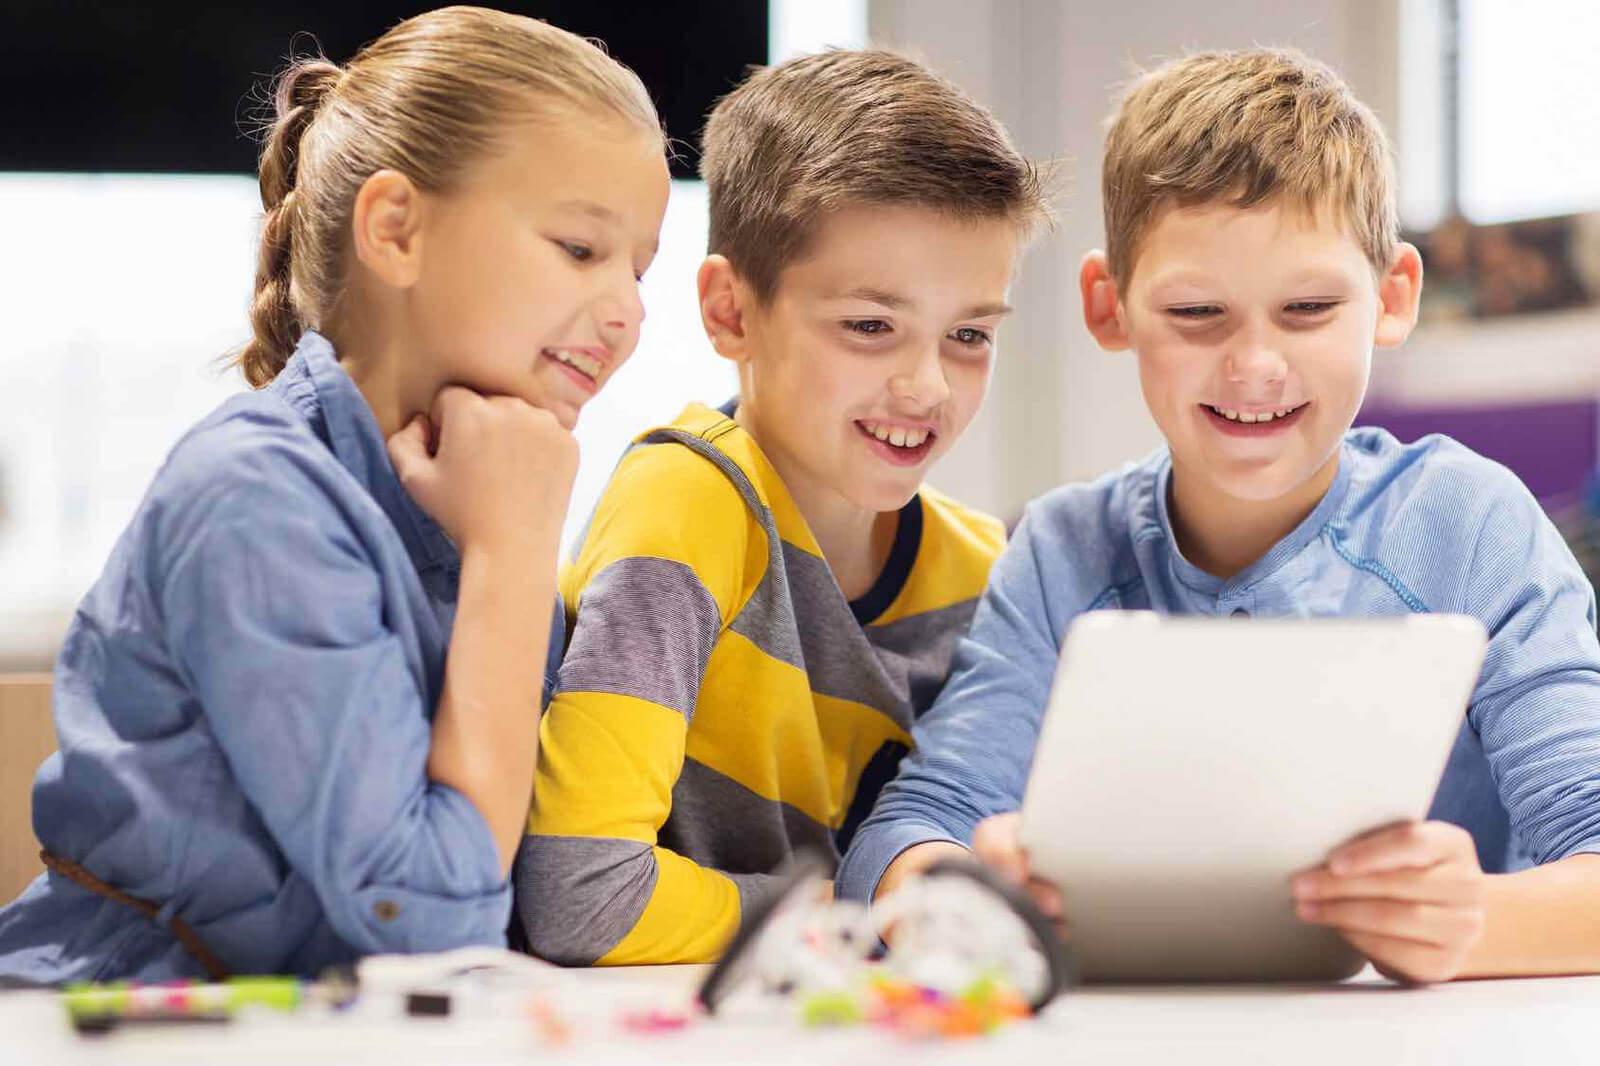 2018年最新版!子供向けプログラミングロボット教材おすすめ10選